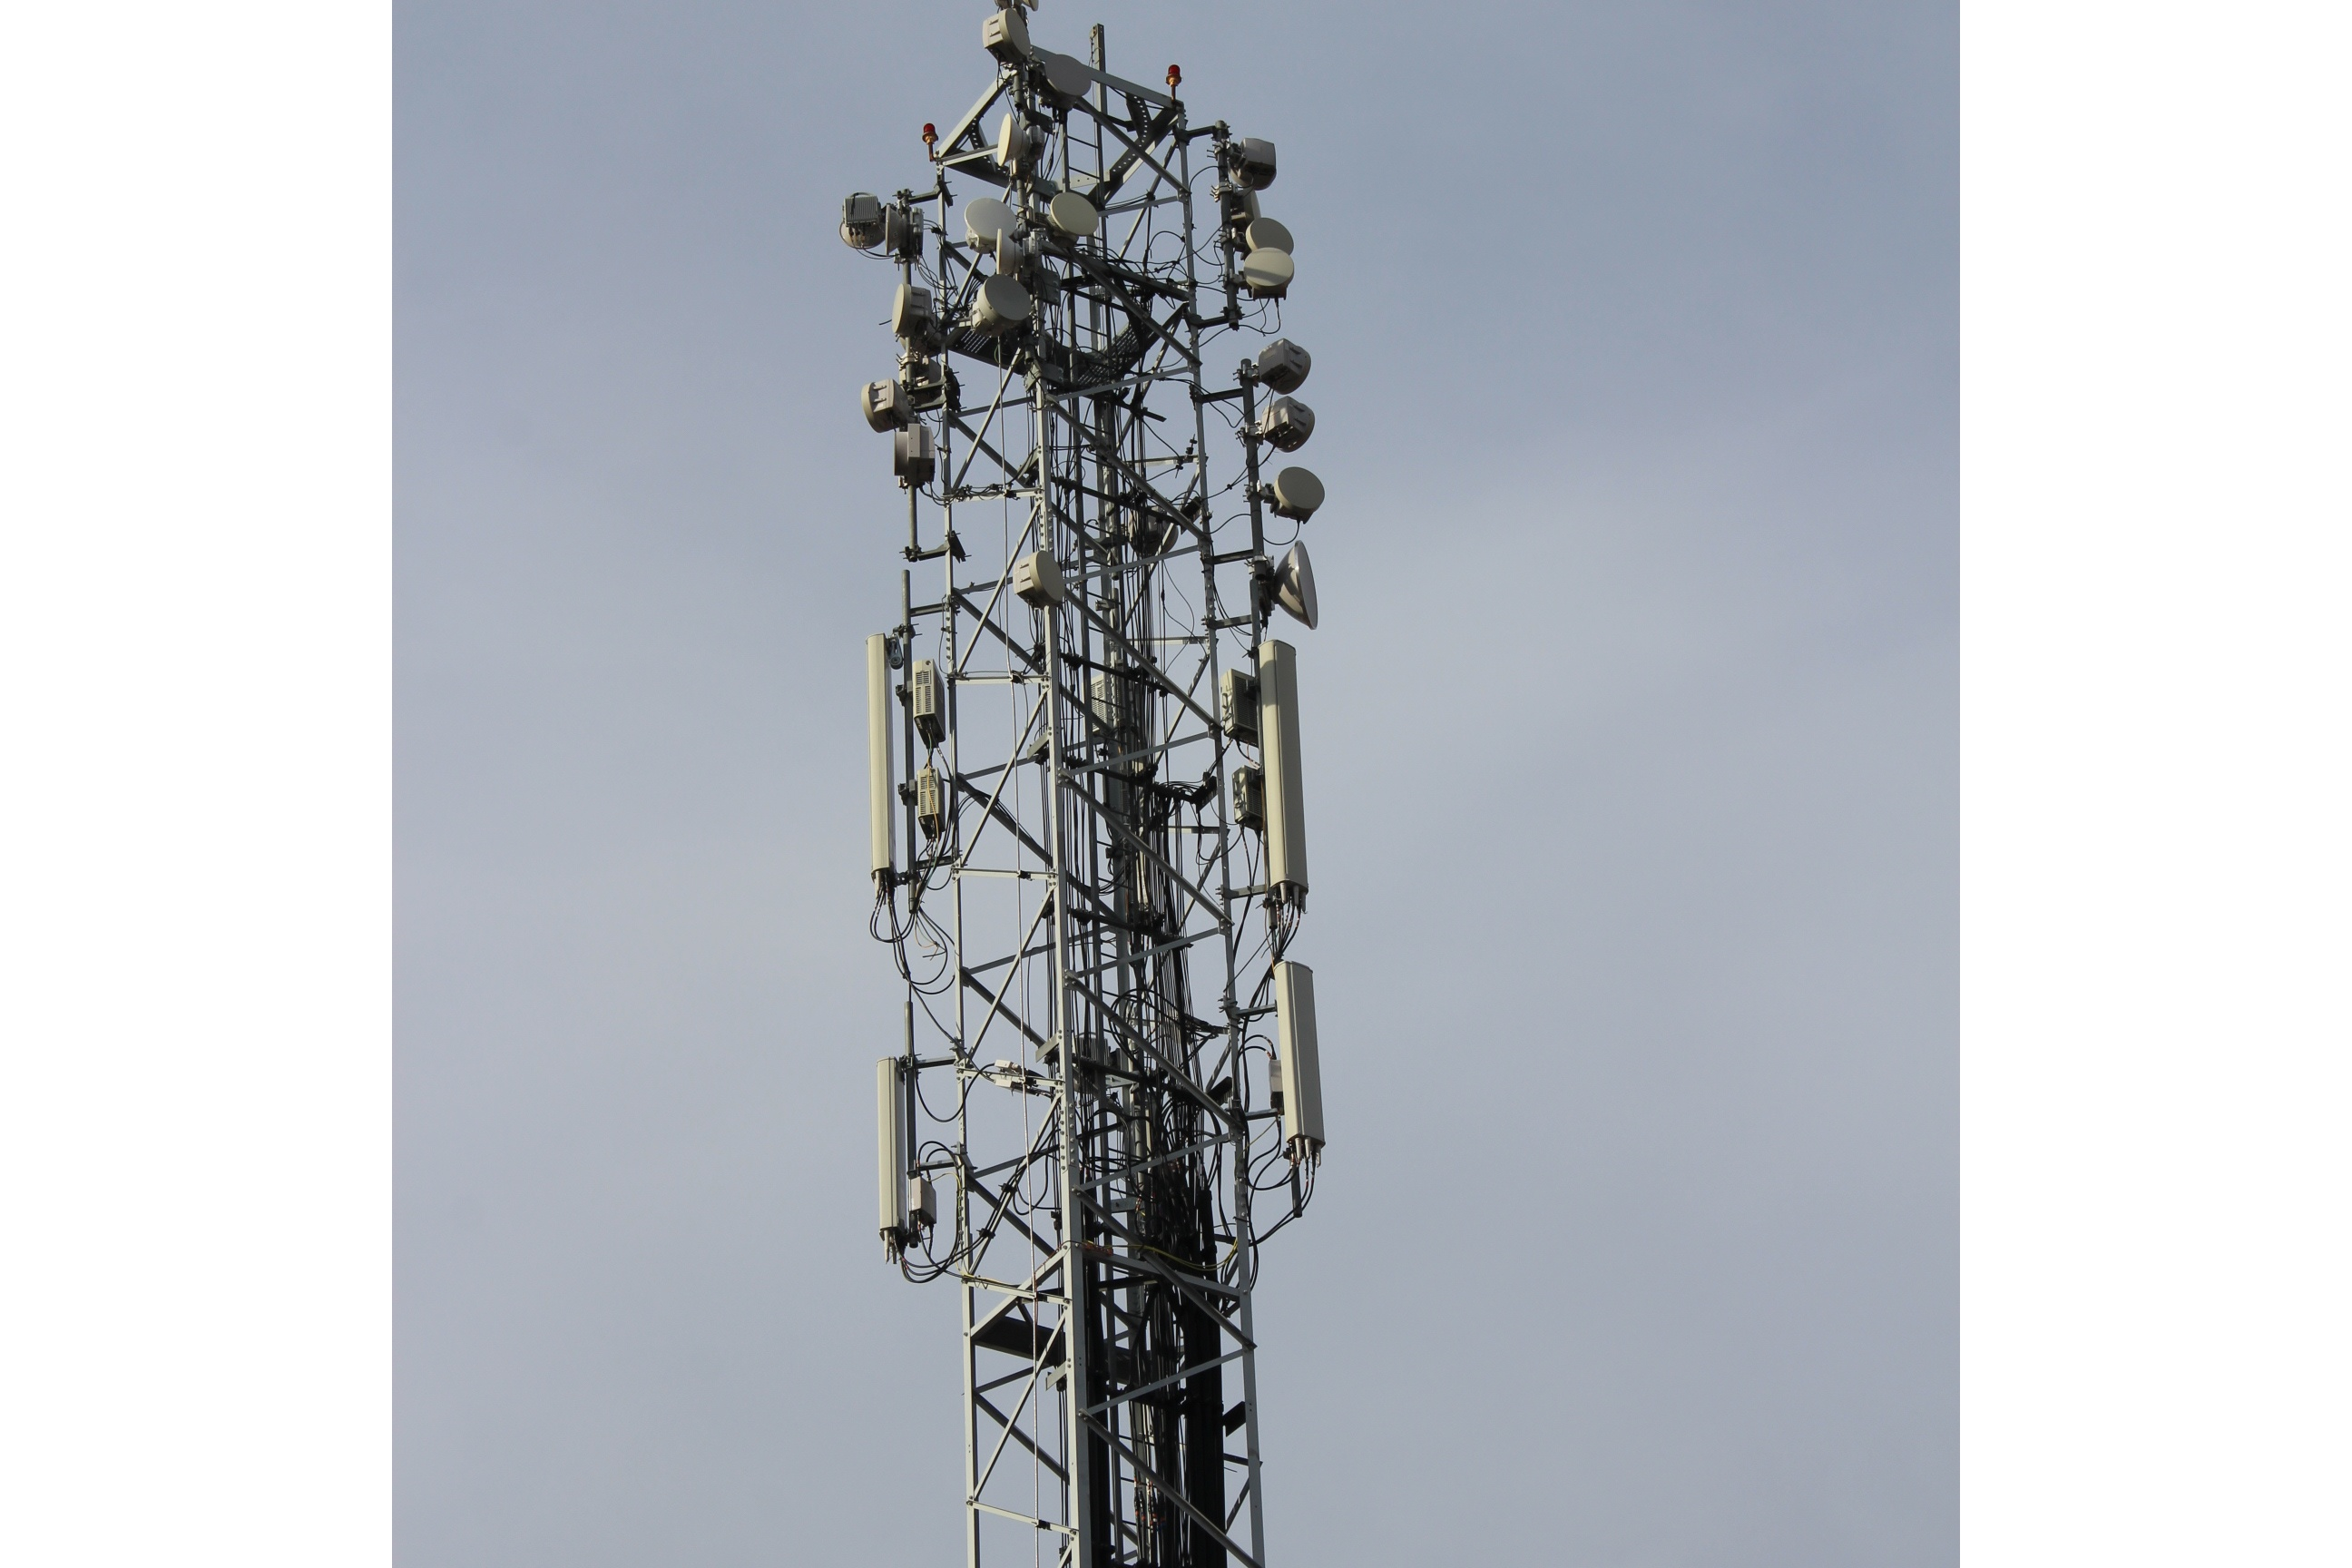 Estación base de telefonía móvil con múltiples radioenlaces fijos